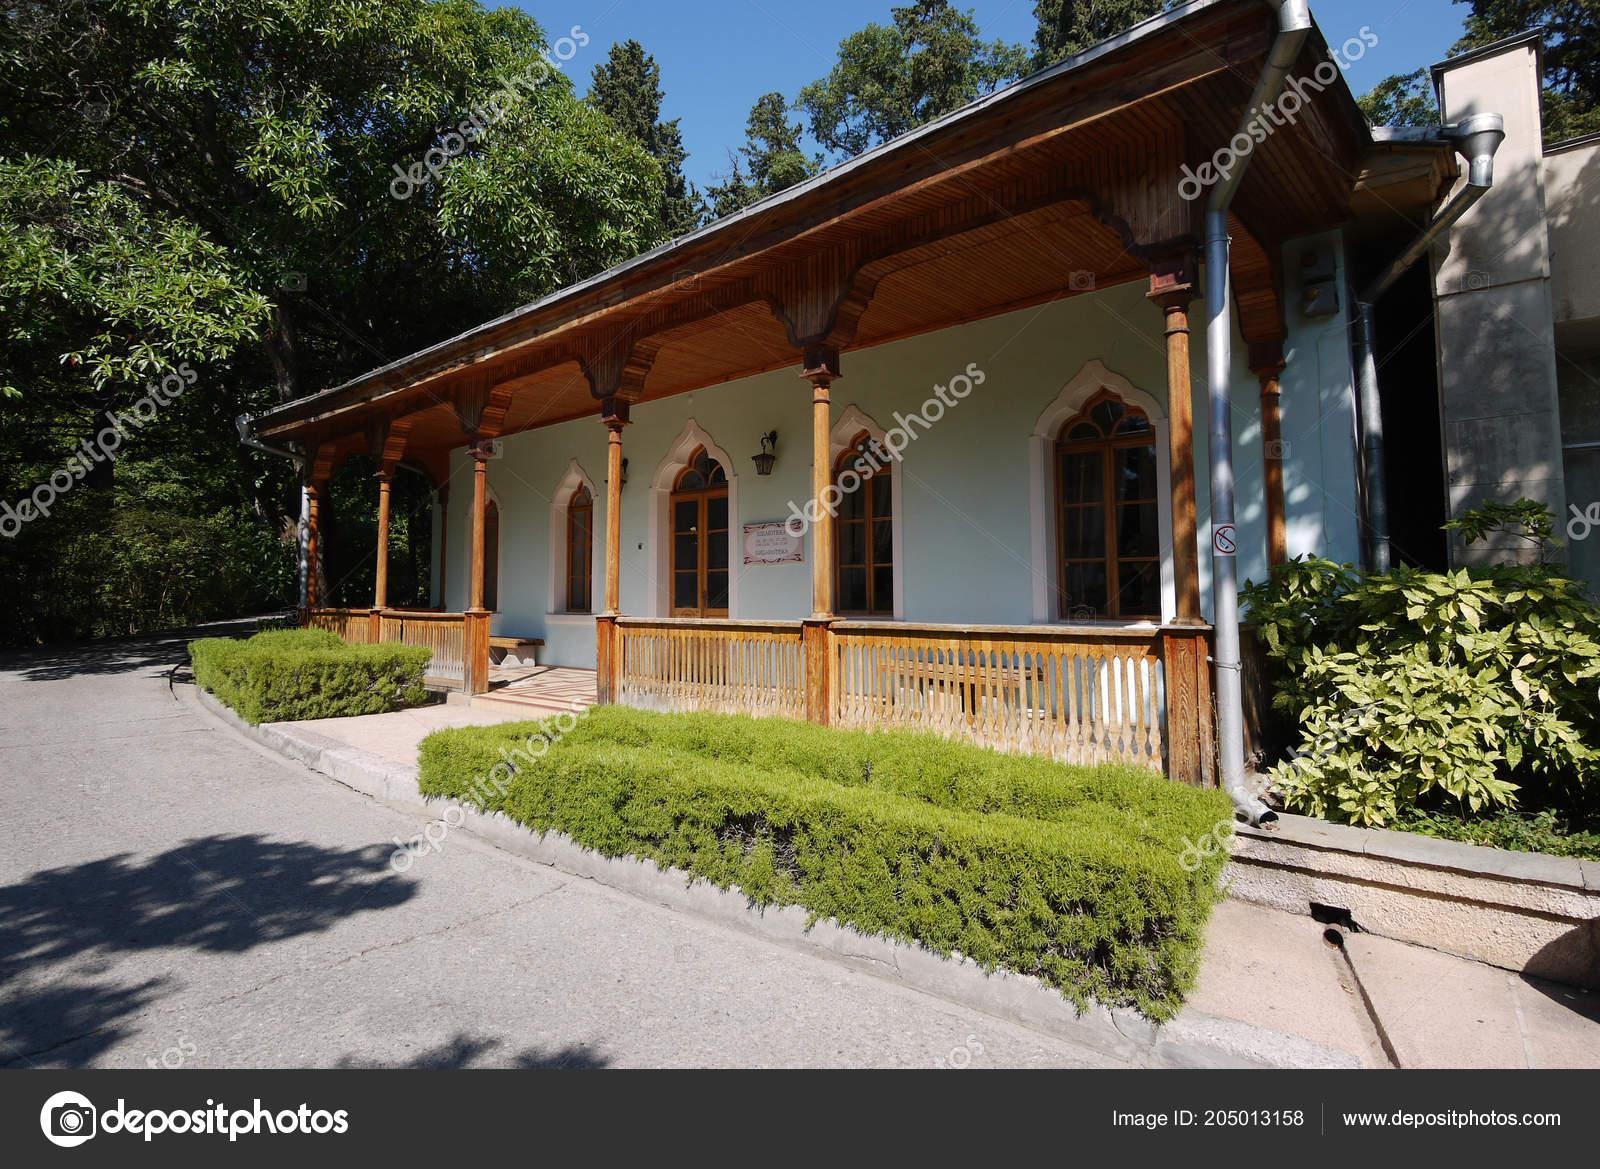 Una Hermosa Terraza Con Techo De Madera Y Pilares Contra El